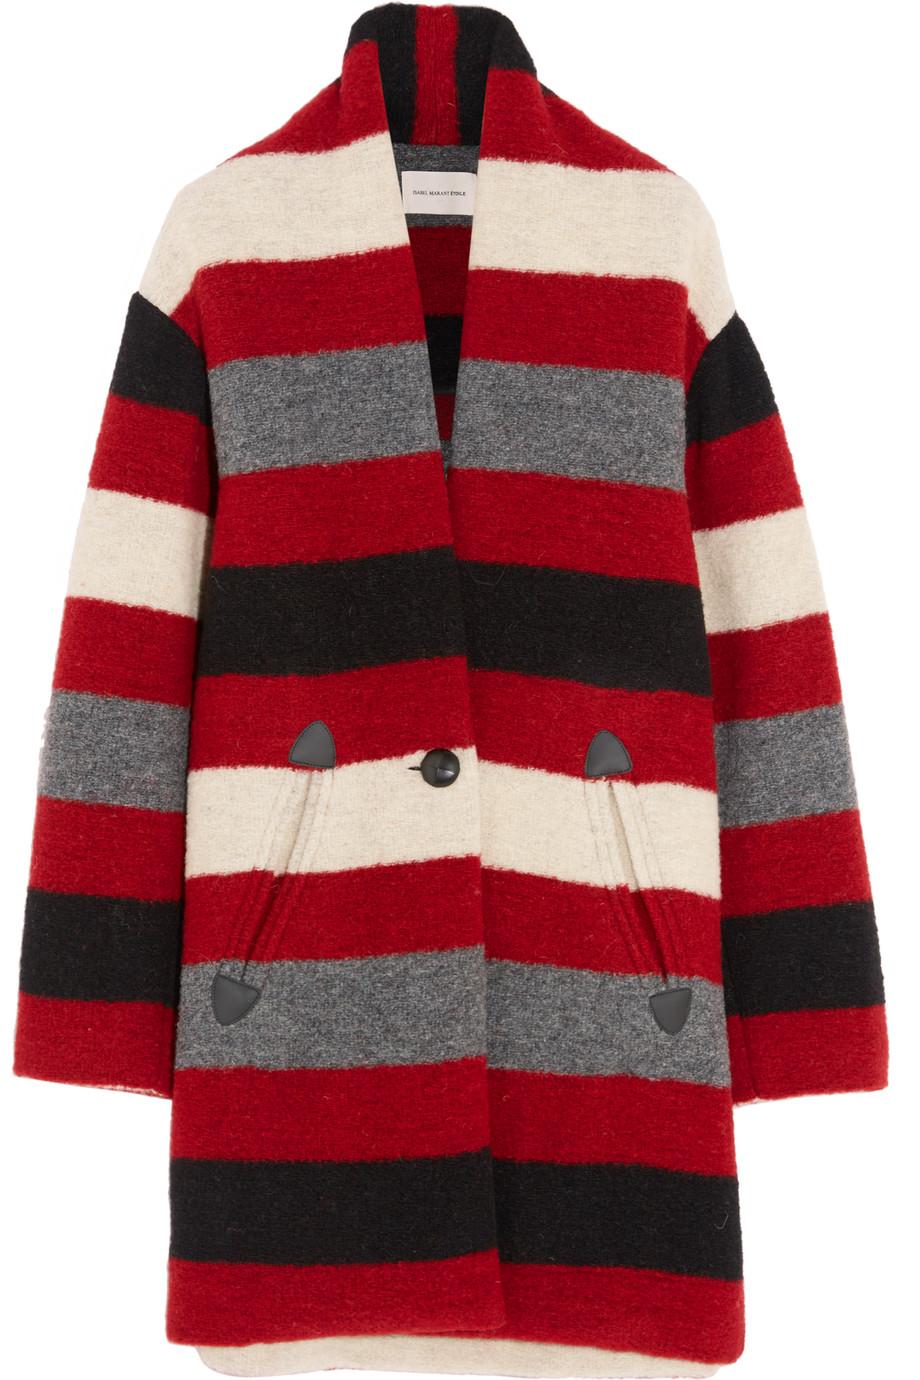 Gabrie Striped Wool-Blend Bouclé Coat, Étoile Isabel Marant, Red, Women's, Size: 36